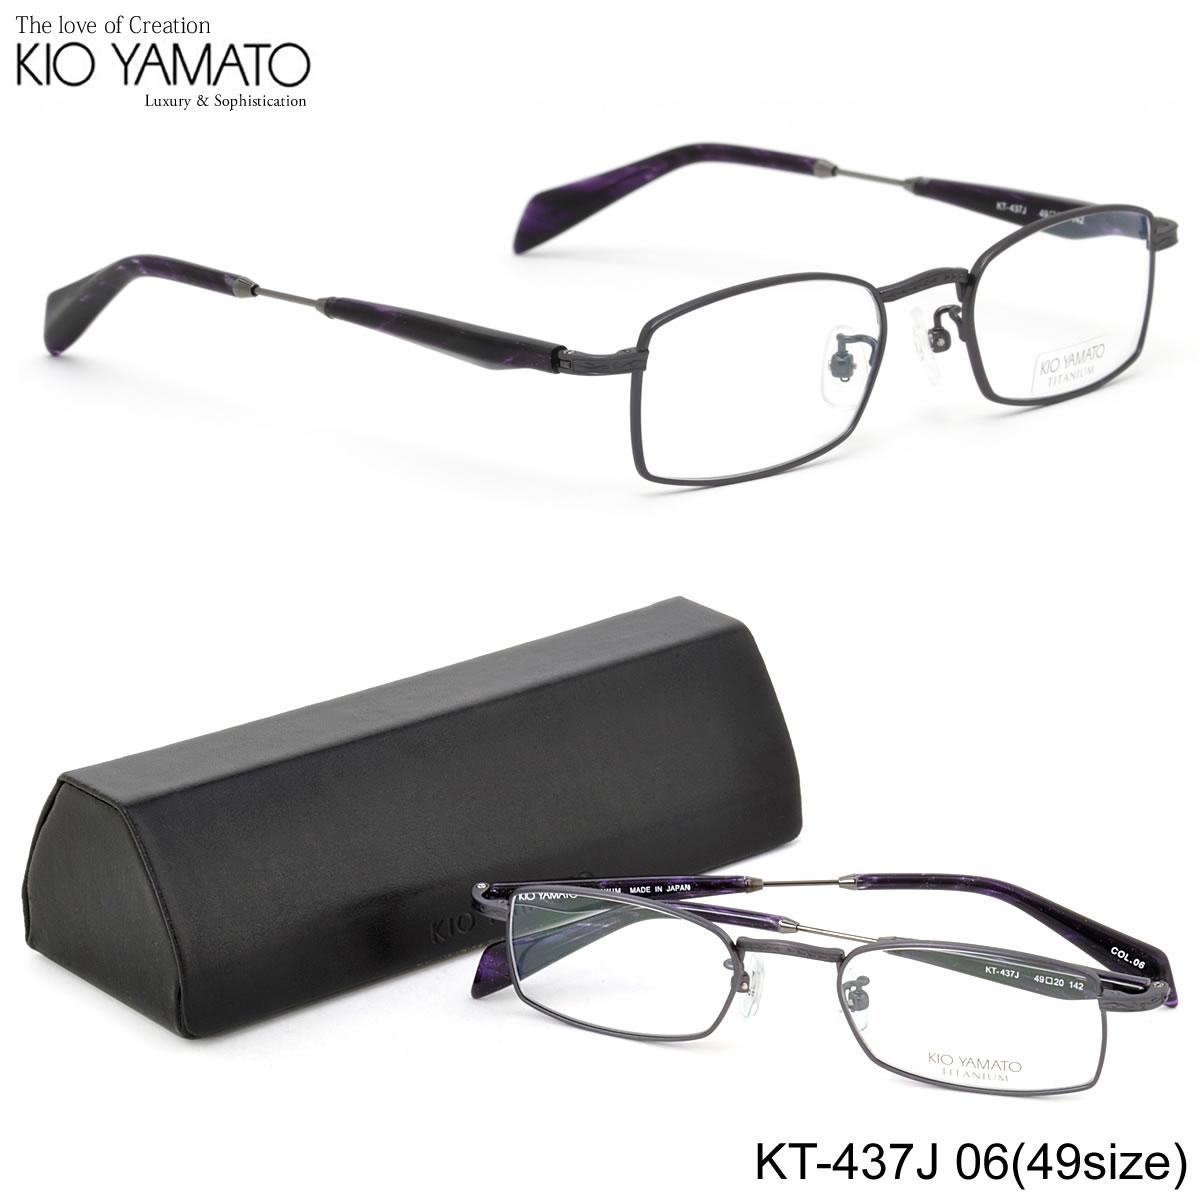 【10月30日からエントリーで全品ポイント20倍】【KIO YAMATO】(キオヤマト) メガネ フレーム KT-437J 06 49サイズ ペンタゴン チタン 日本製 眼鏡 キオヤマト KIO YAMATO メンズ レディース